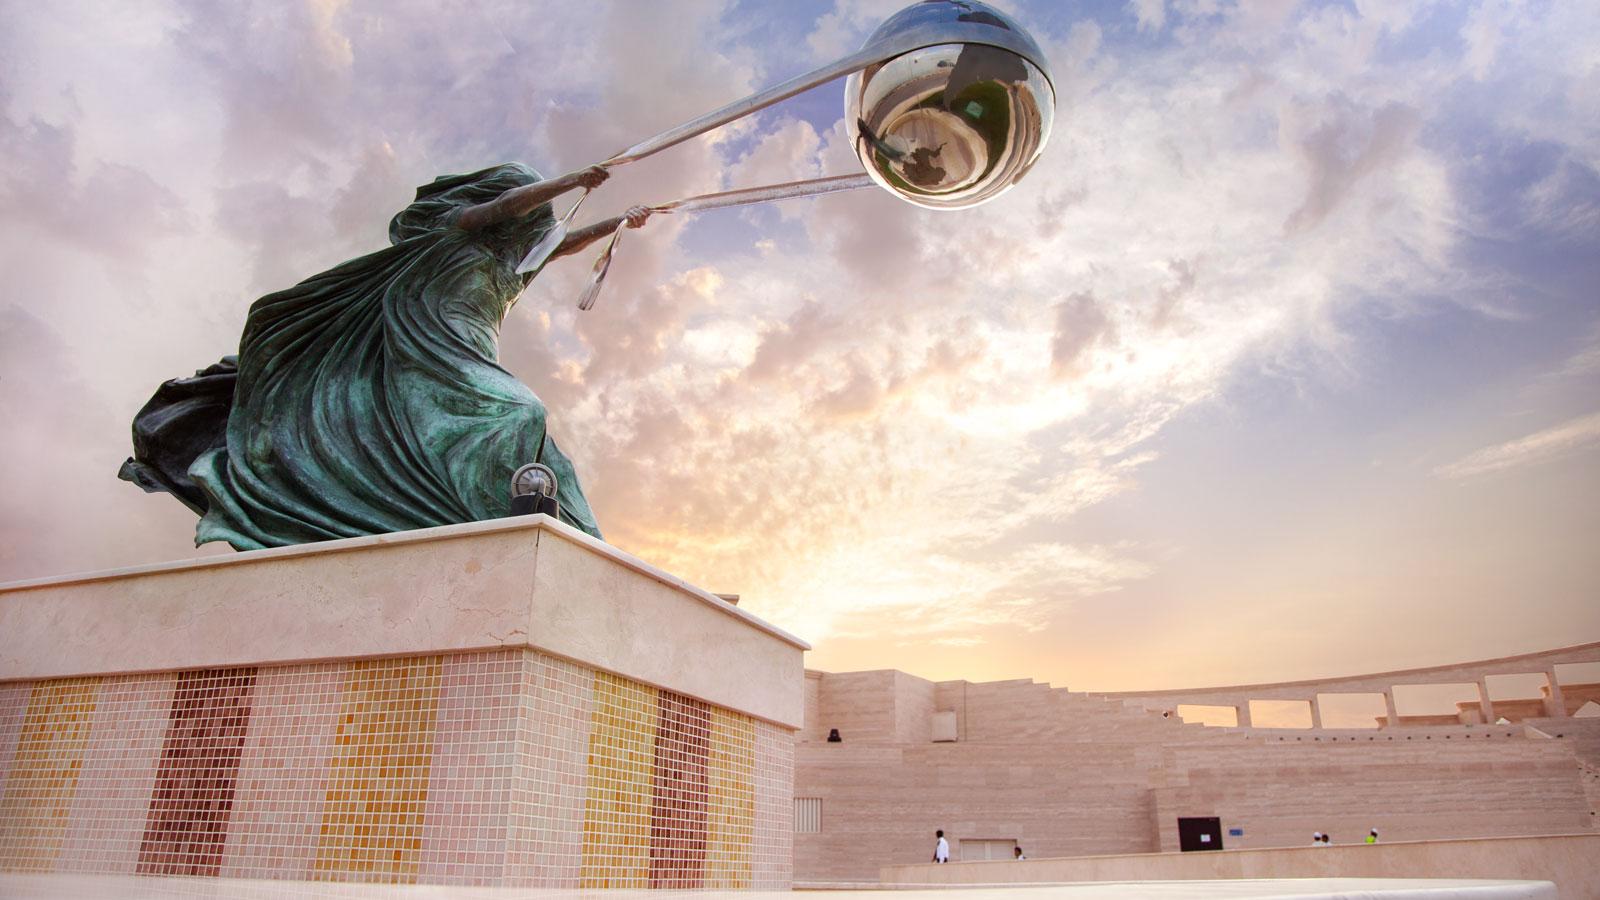 Αποτέλεσμα εικόνας για Discover Qatar introduces new system to link hotel inventory & world tour operators